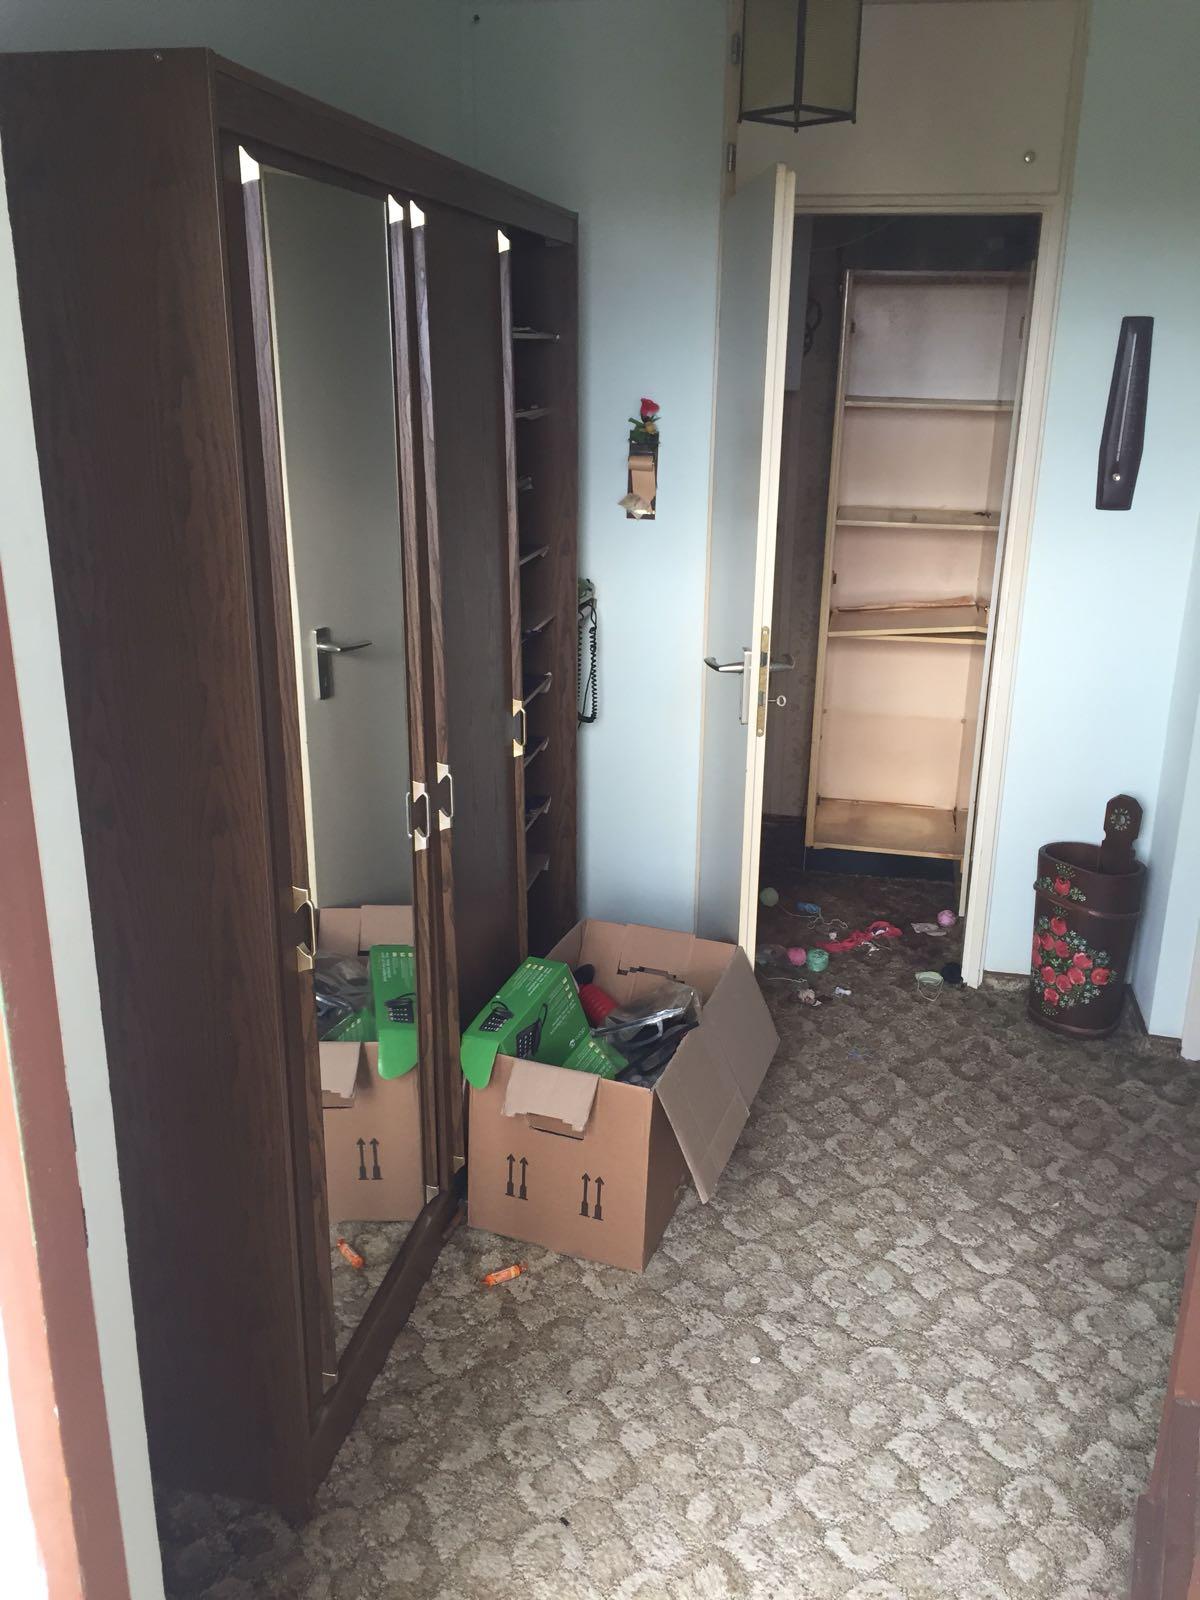 Neuperlach München 3,5 Zimmerwohnung Wohnungaufräumung